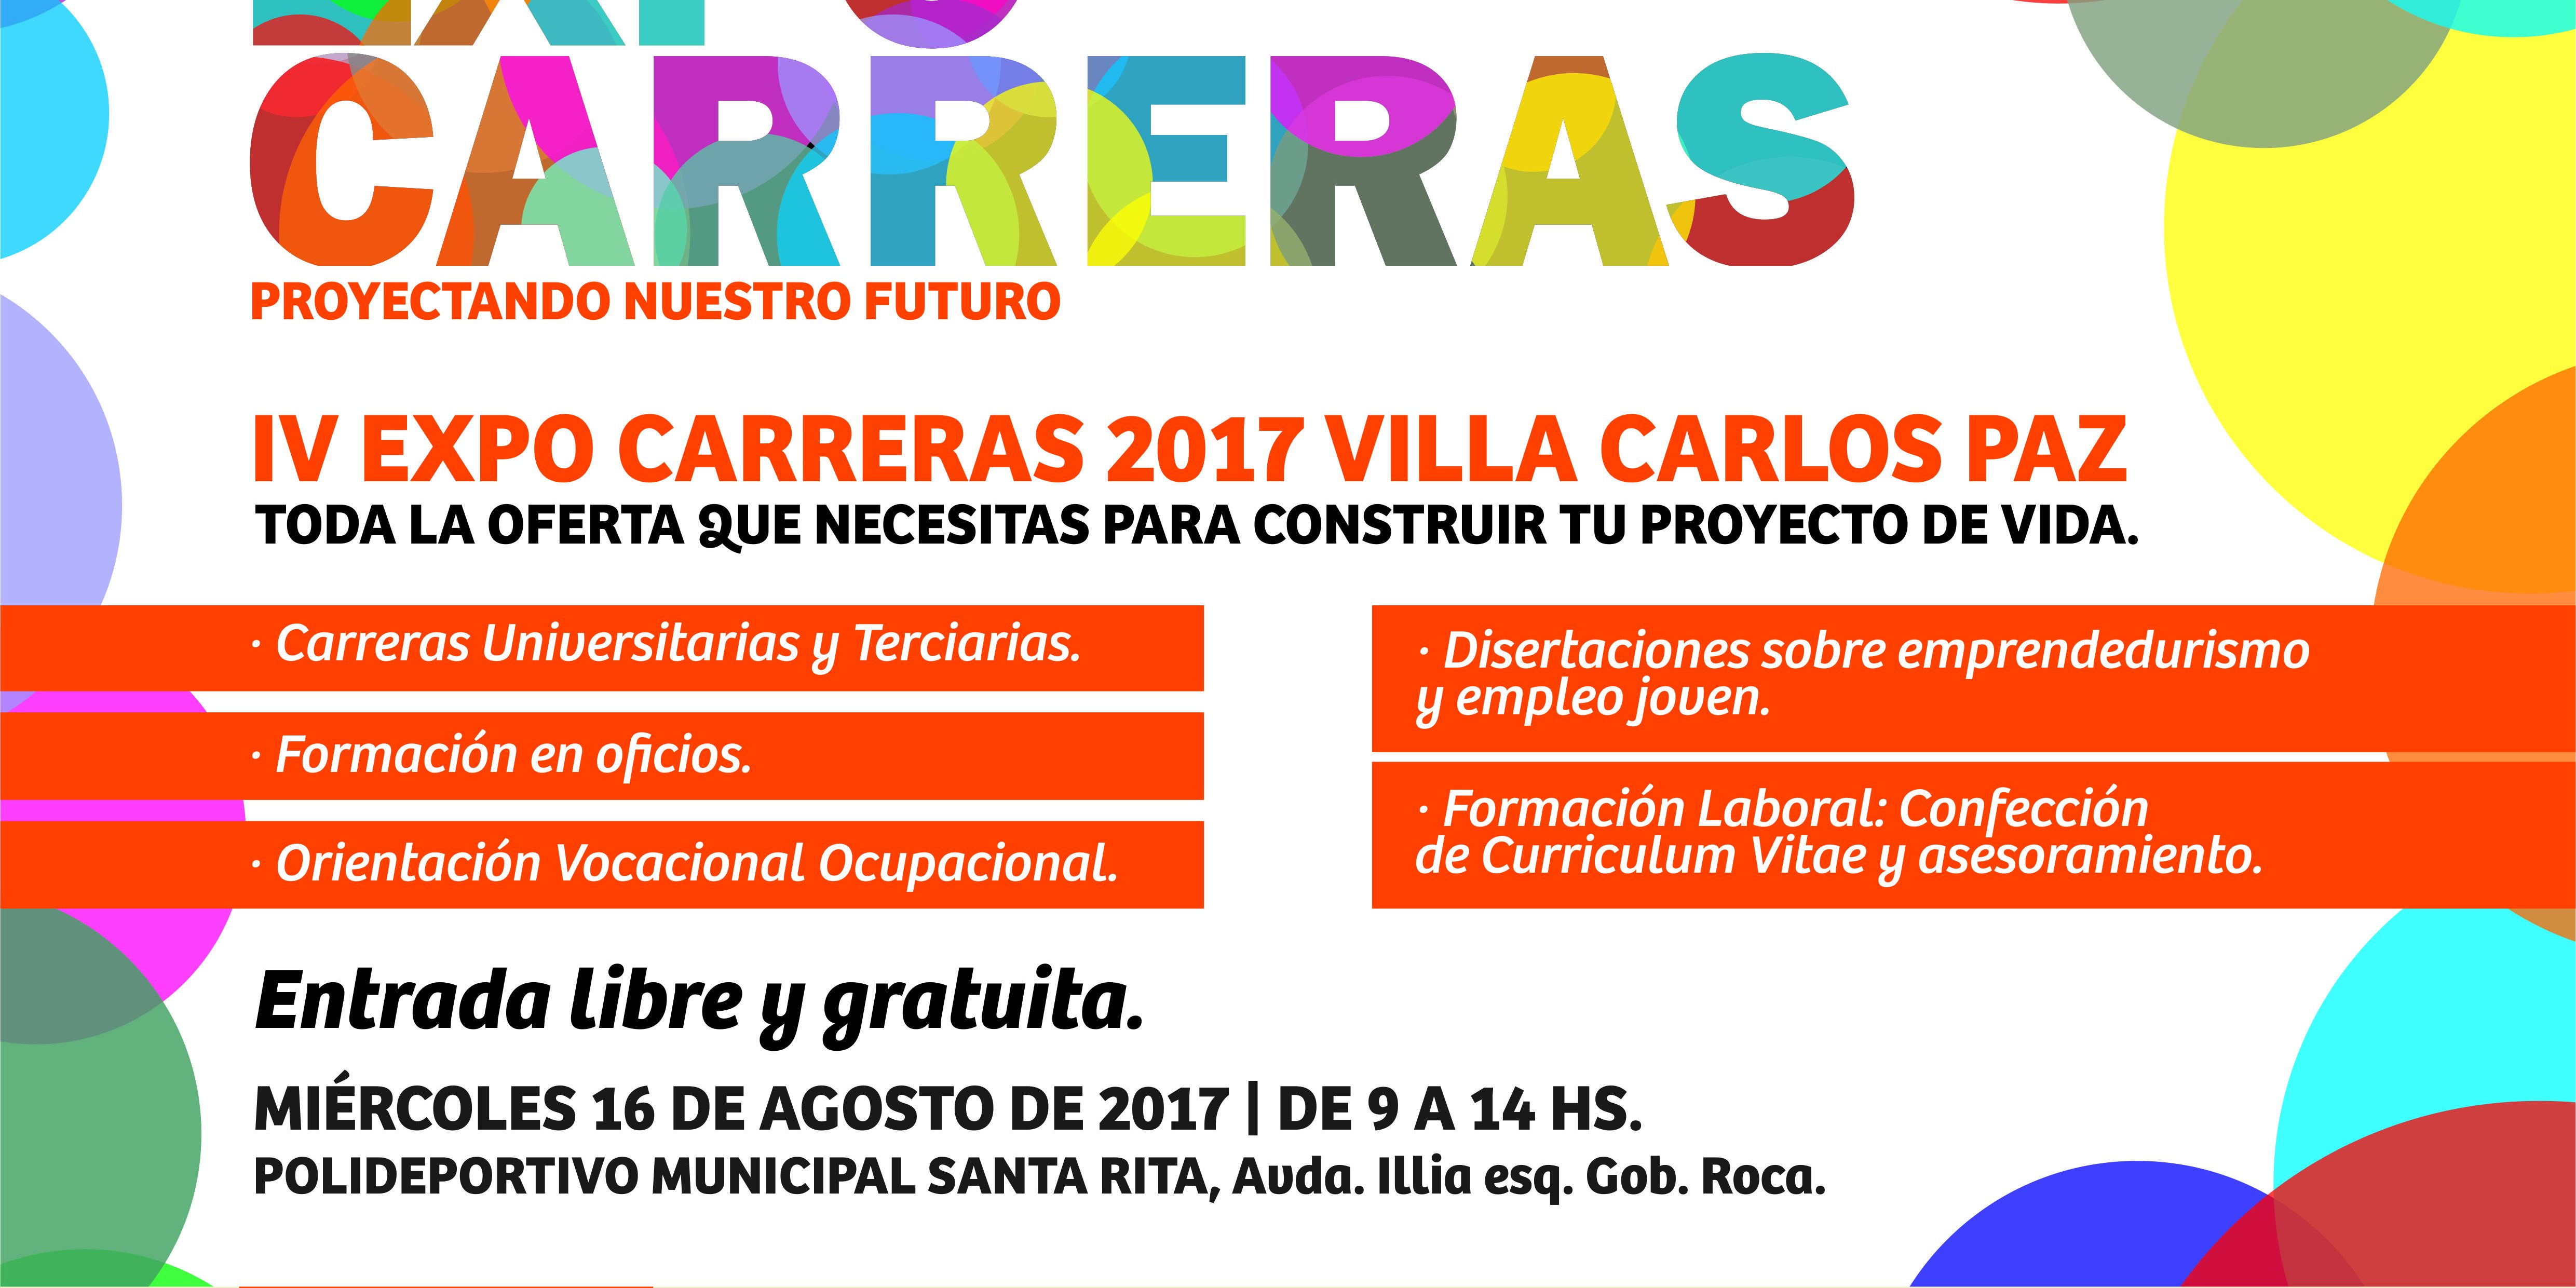 IV Expo carreras 2017 en Villa Carlos Paz – Instituto RET